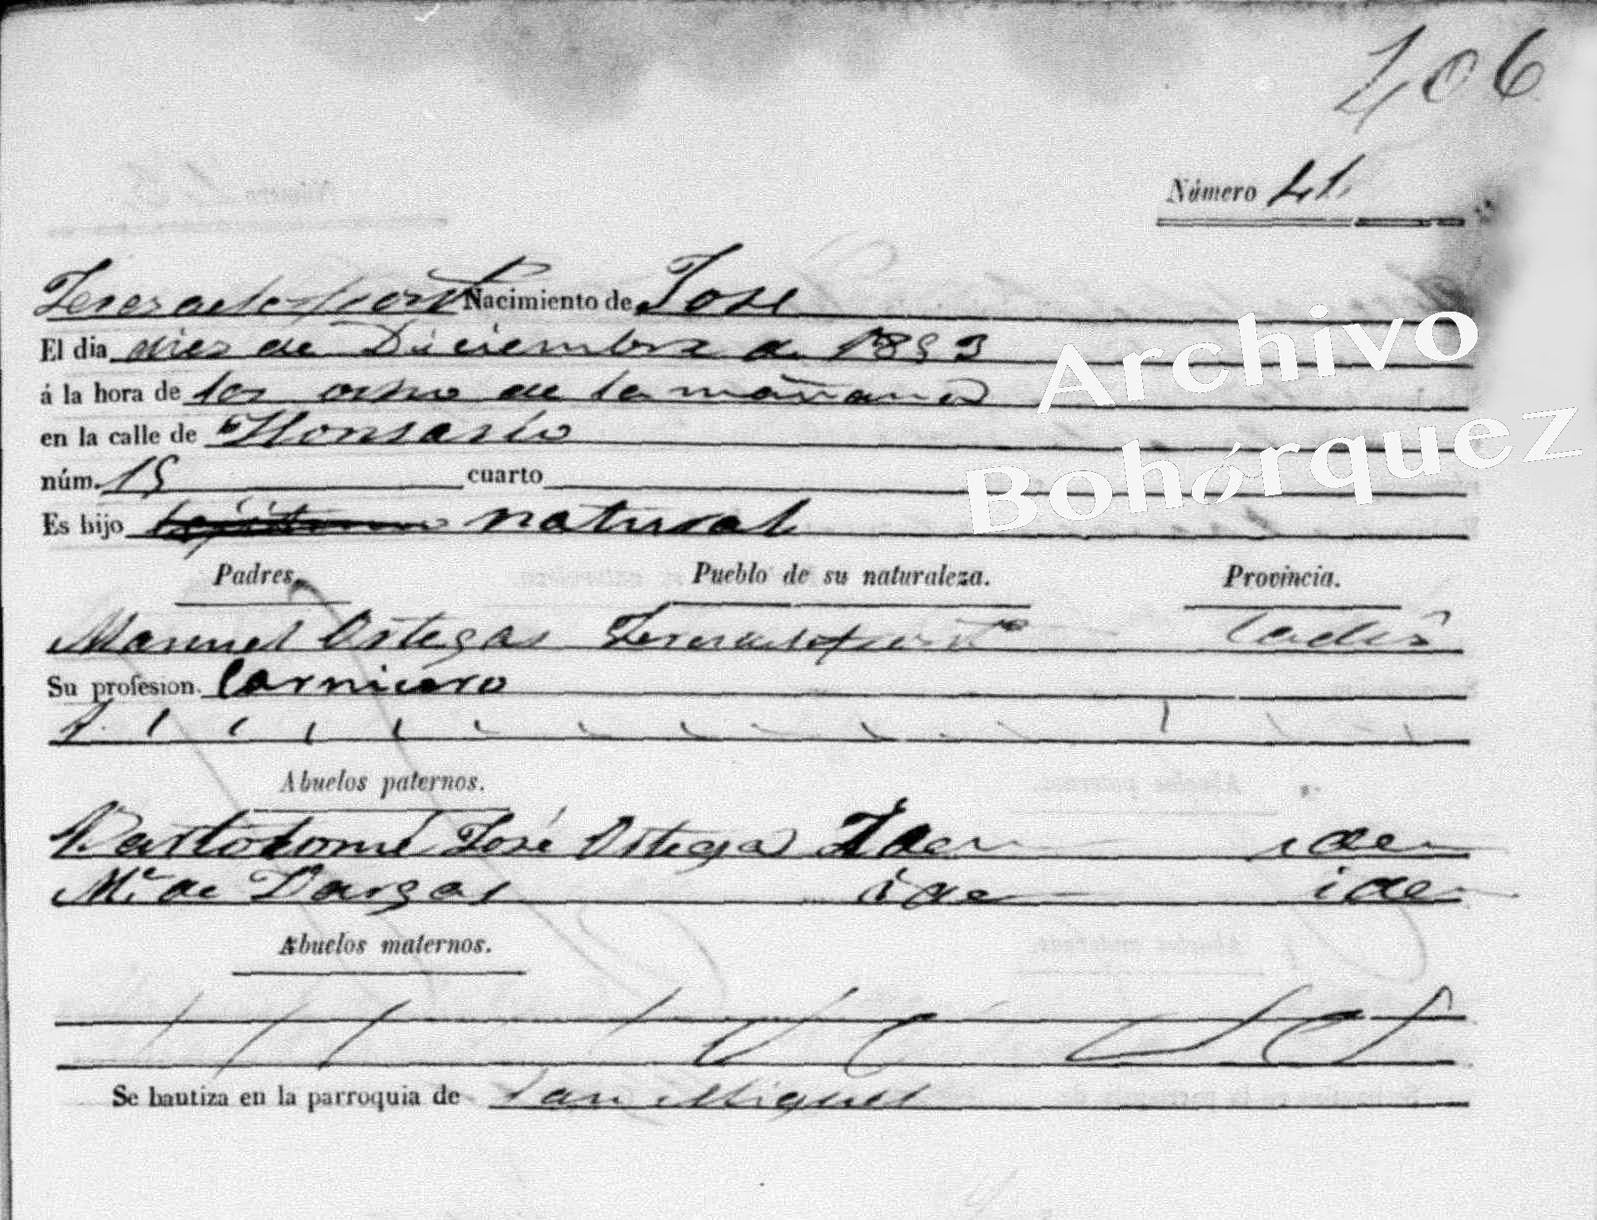 Nacimiento de José, 1853, hijo de Manuel Molina. Archivo Bohórquez.